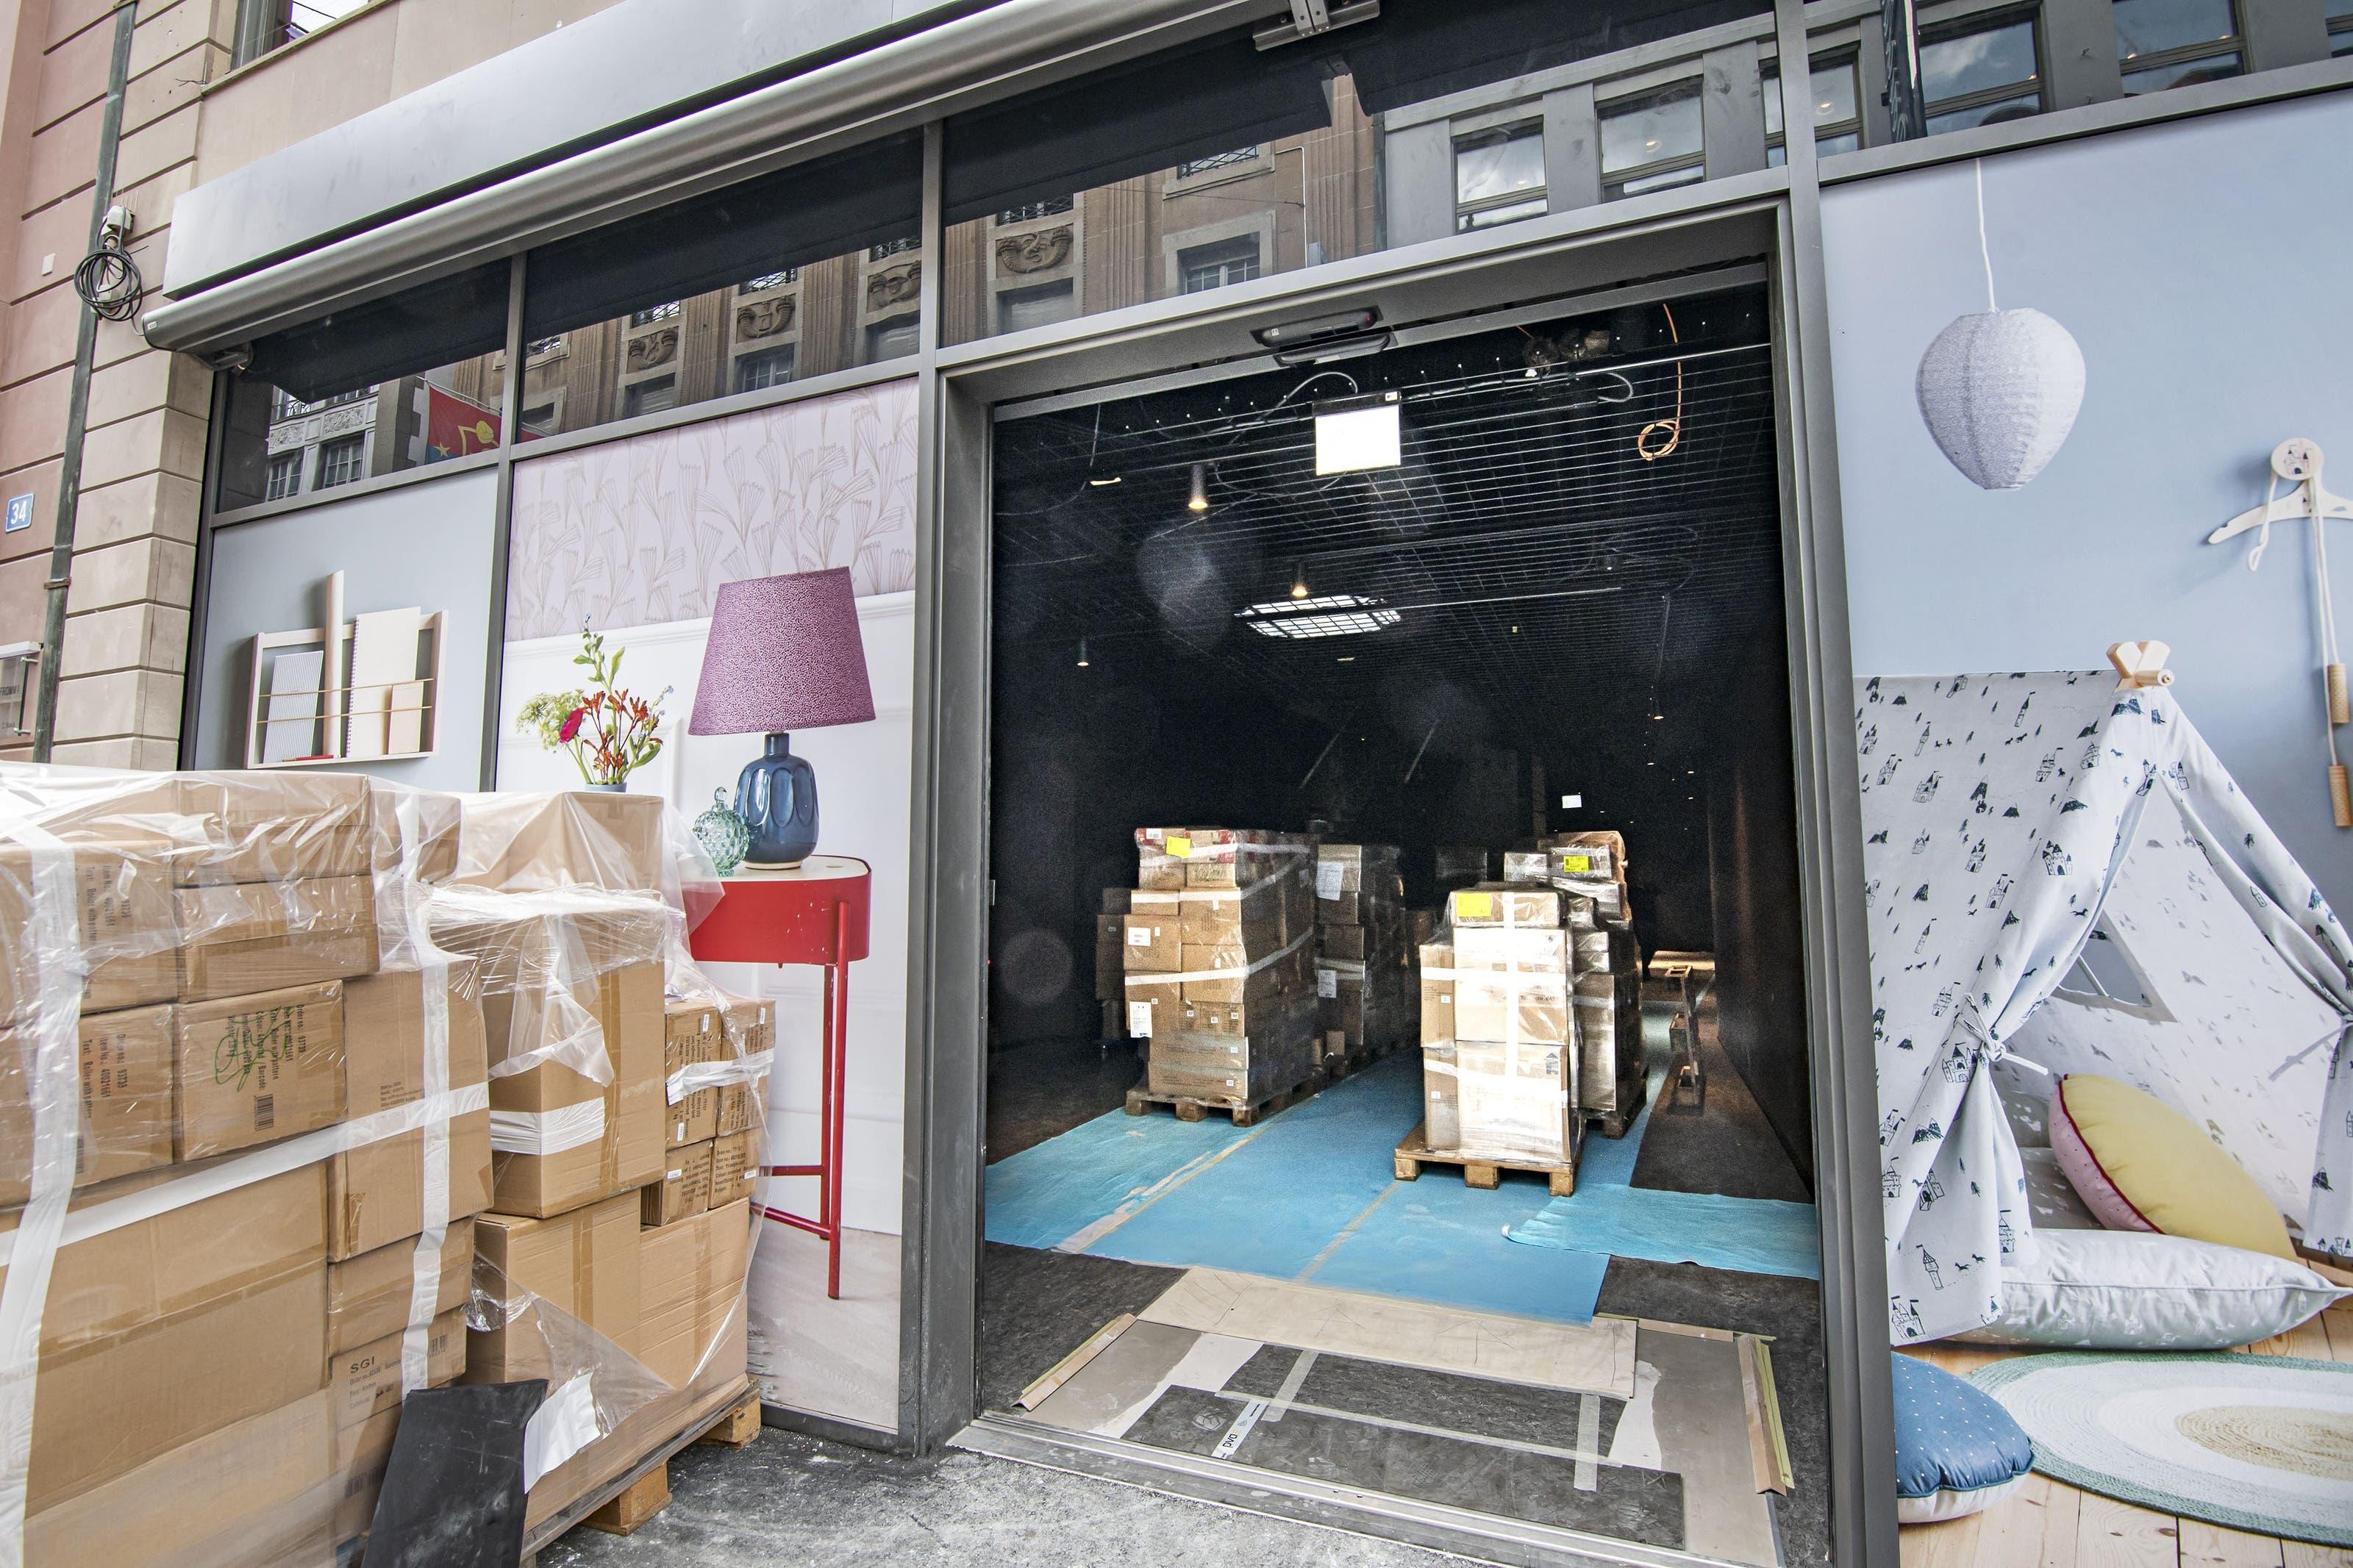 Derweil an der Freien Strasse «Søstrene Grene», ebenfalls aus Dänemark, die Einrichtung des Ladens bald abschliesst.